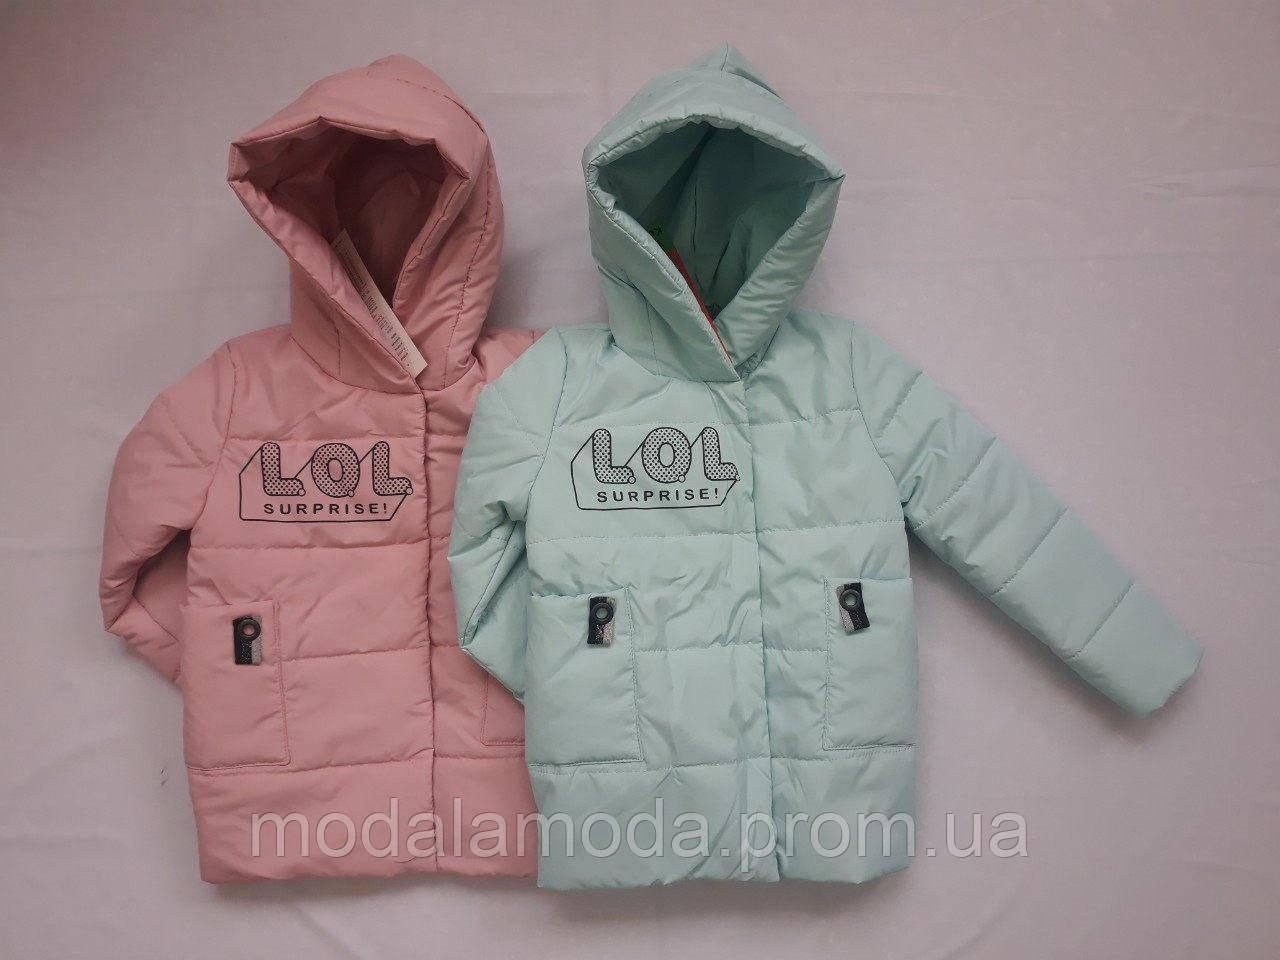 Куртка детская ЛОЛ для девочки ОПТОМ!